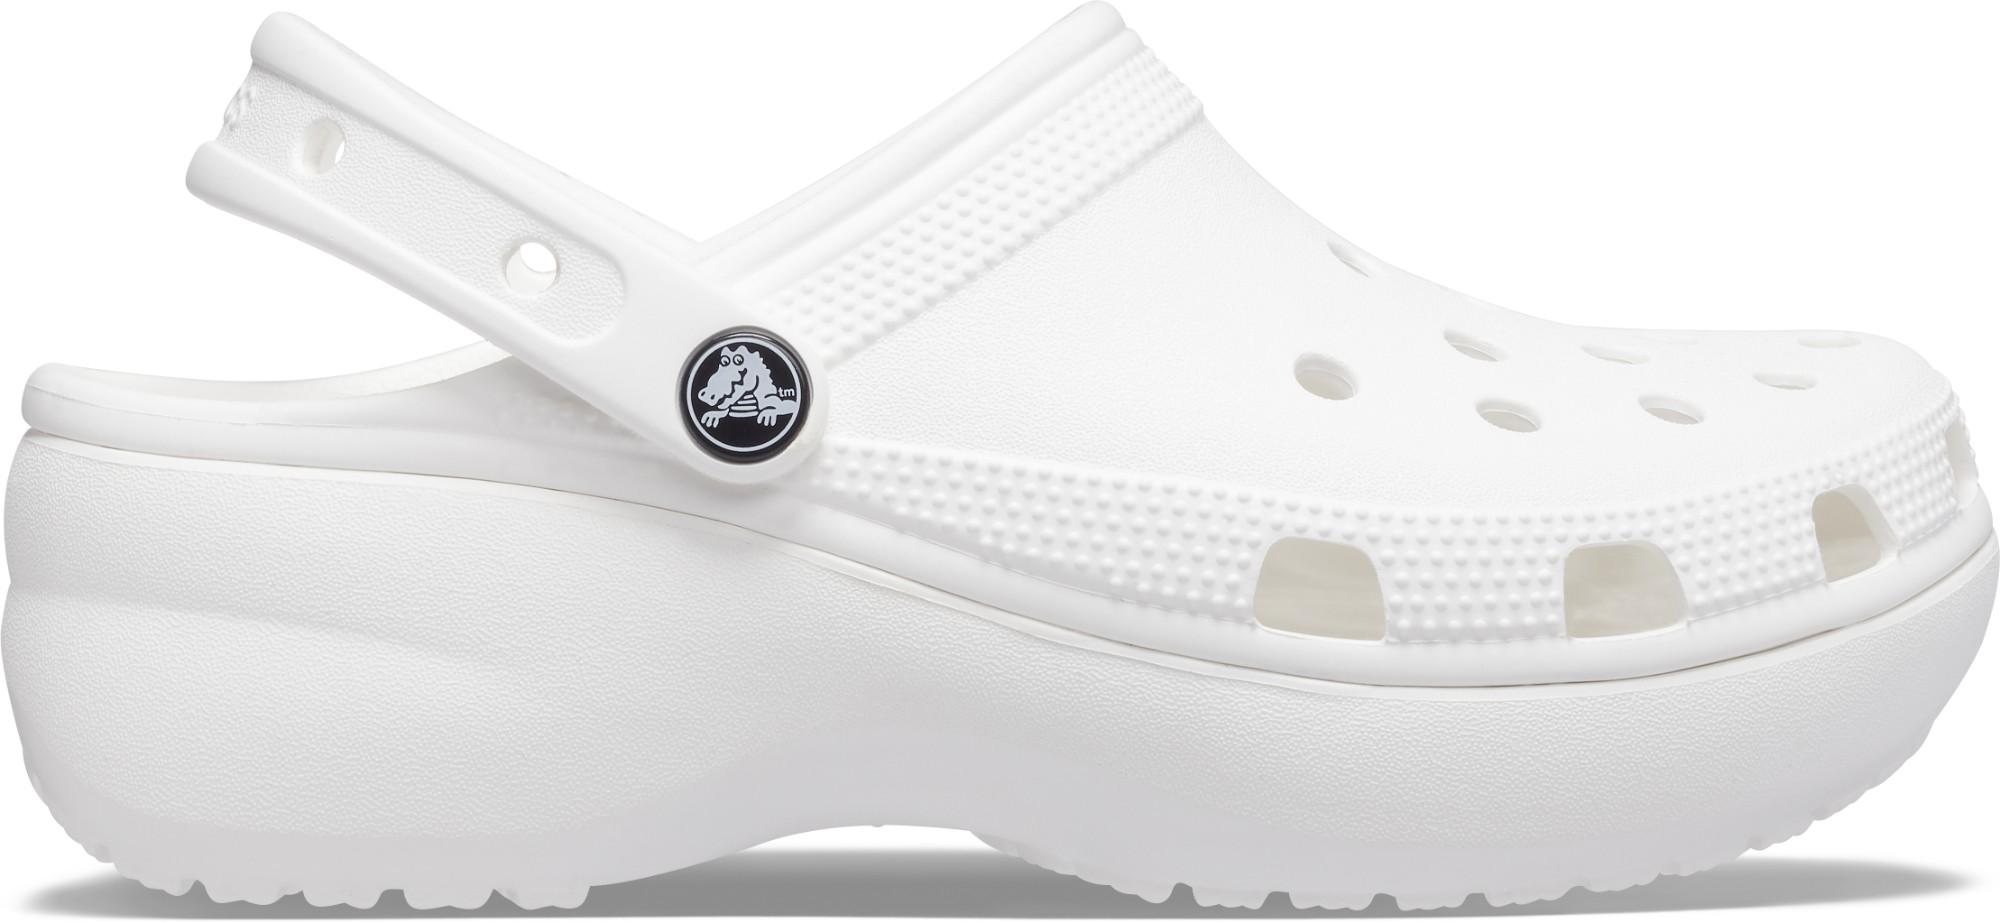 Crocs™ Classic Platform Clog White 41